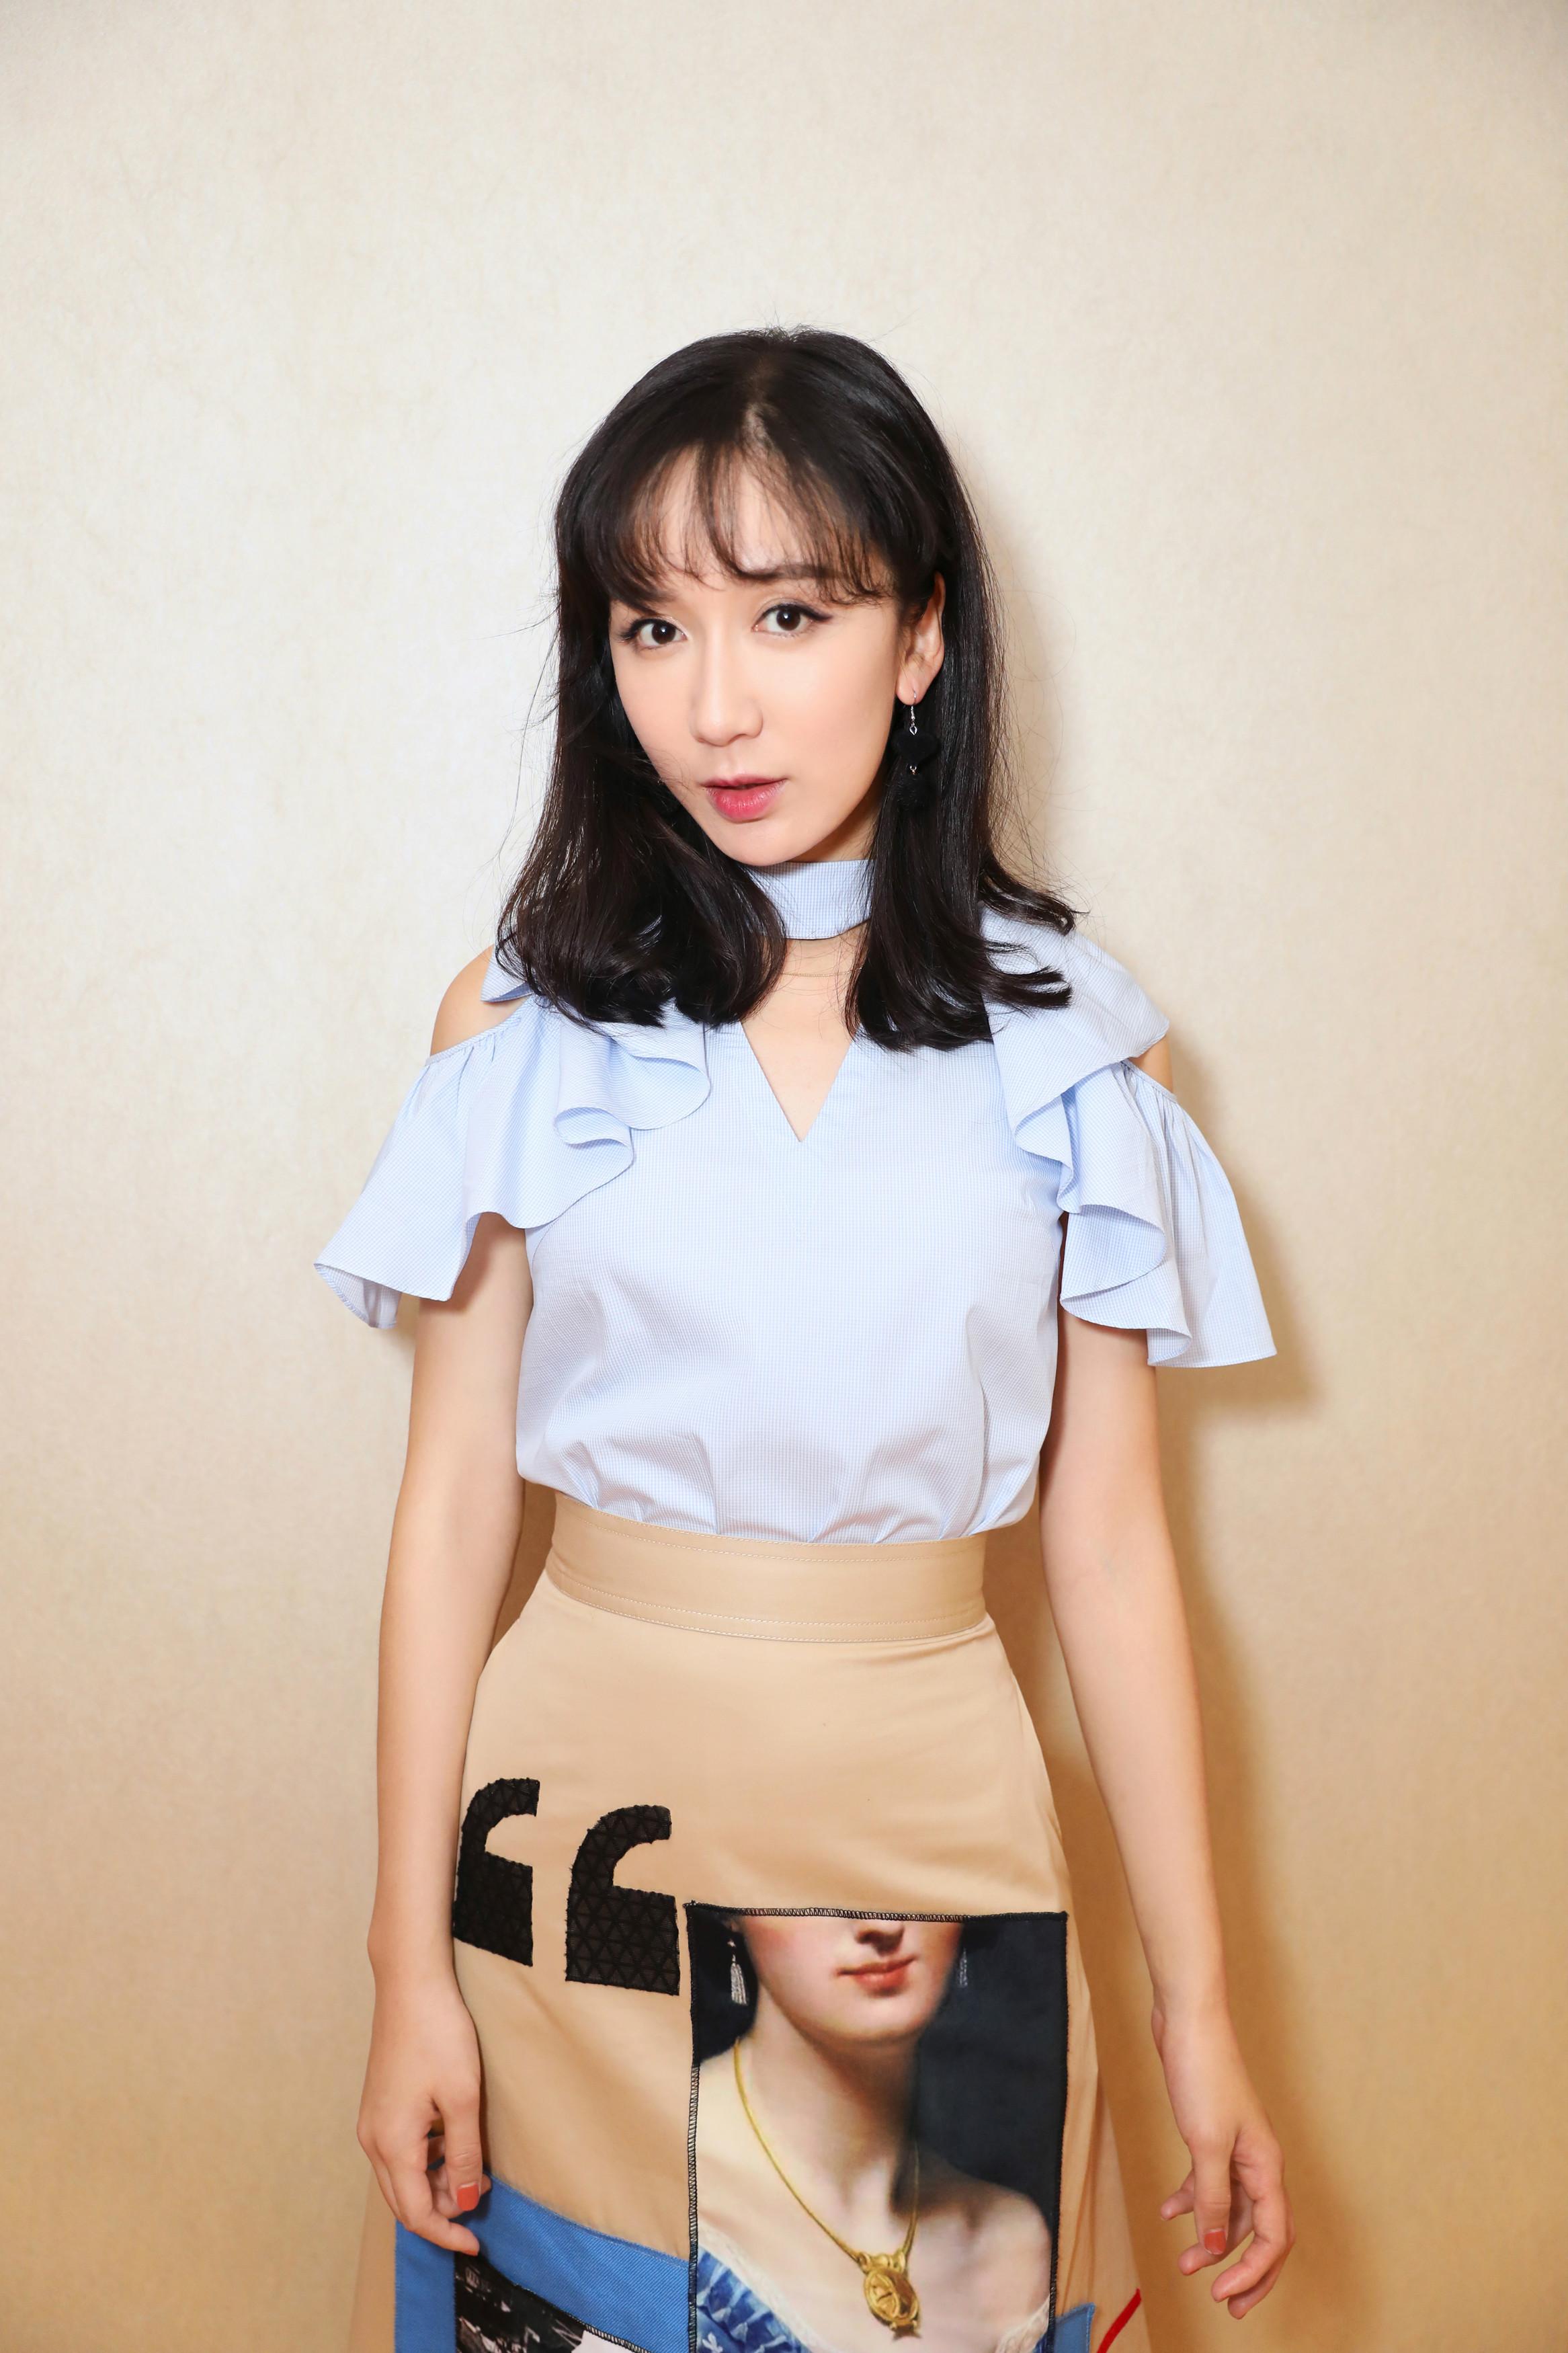 娄艺潇参加品牌直播人气旺 换新发型可爱甜美